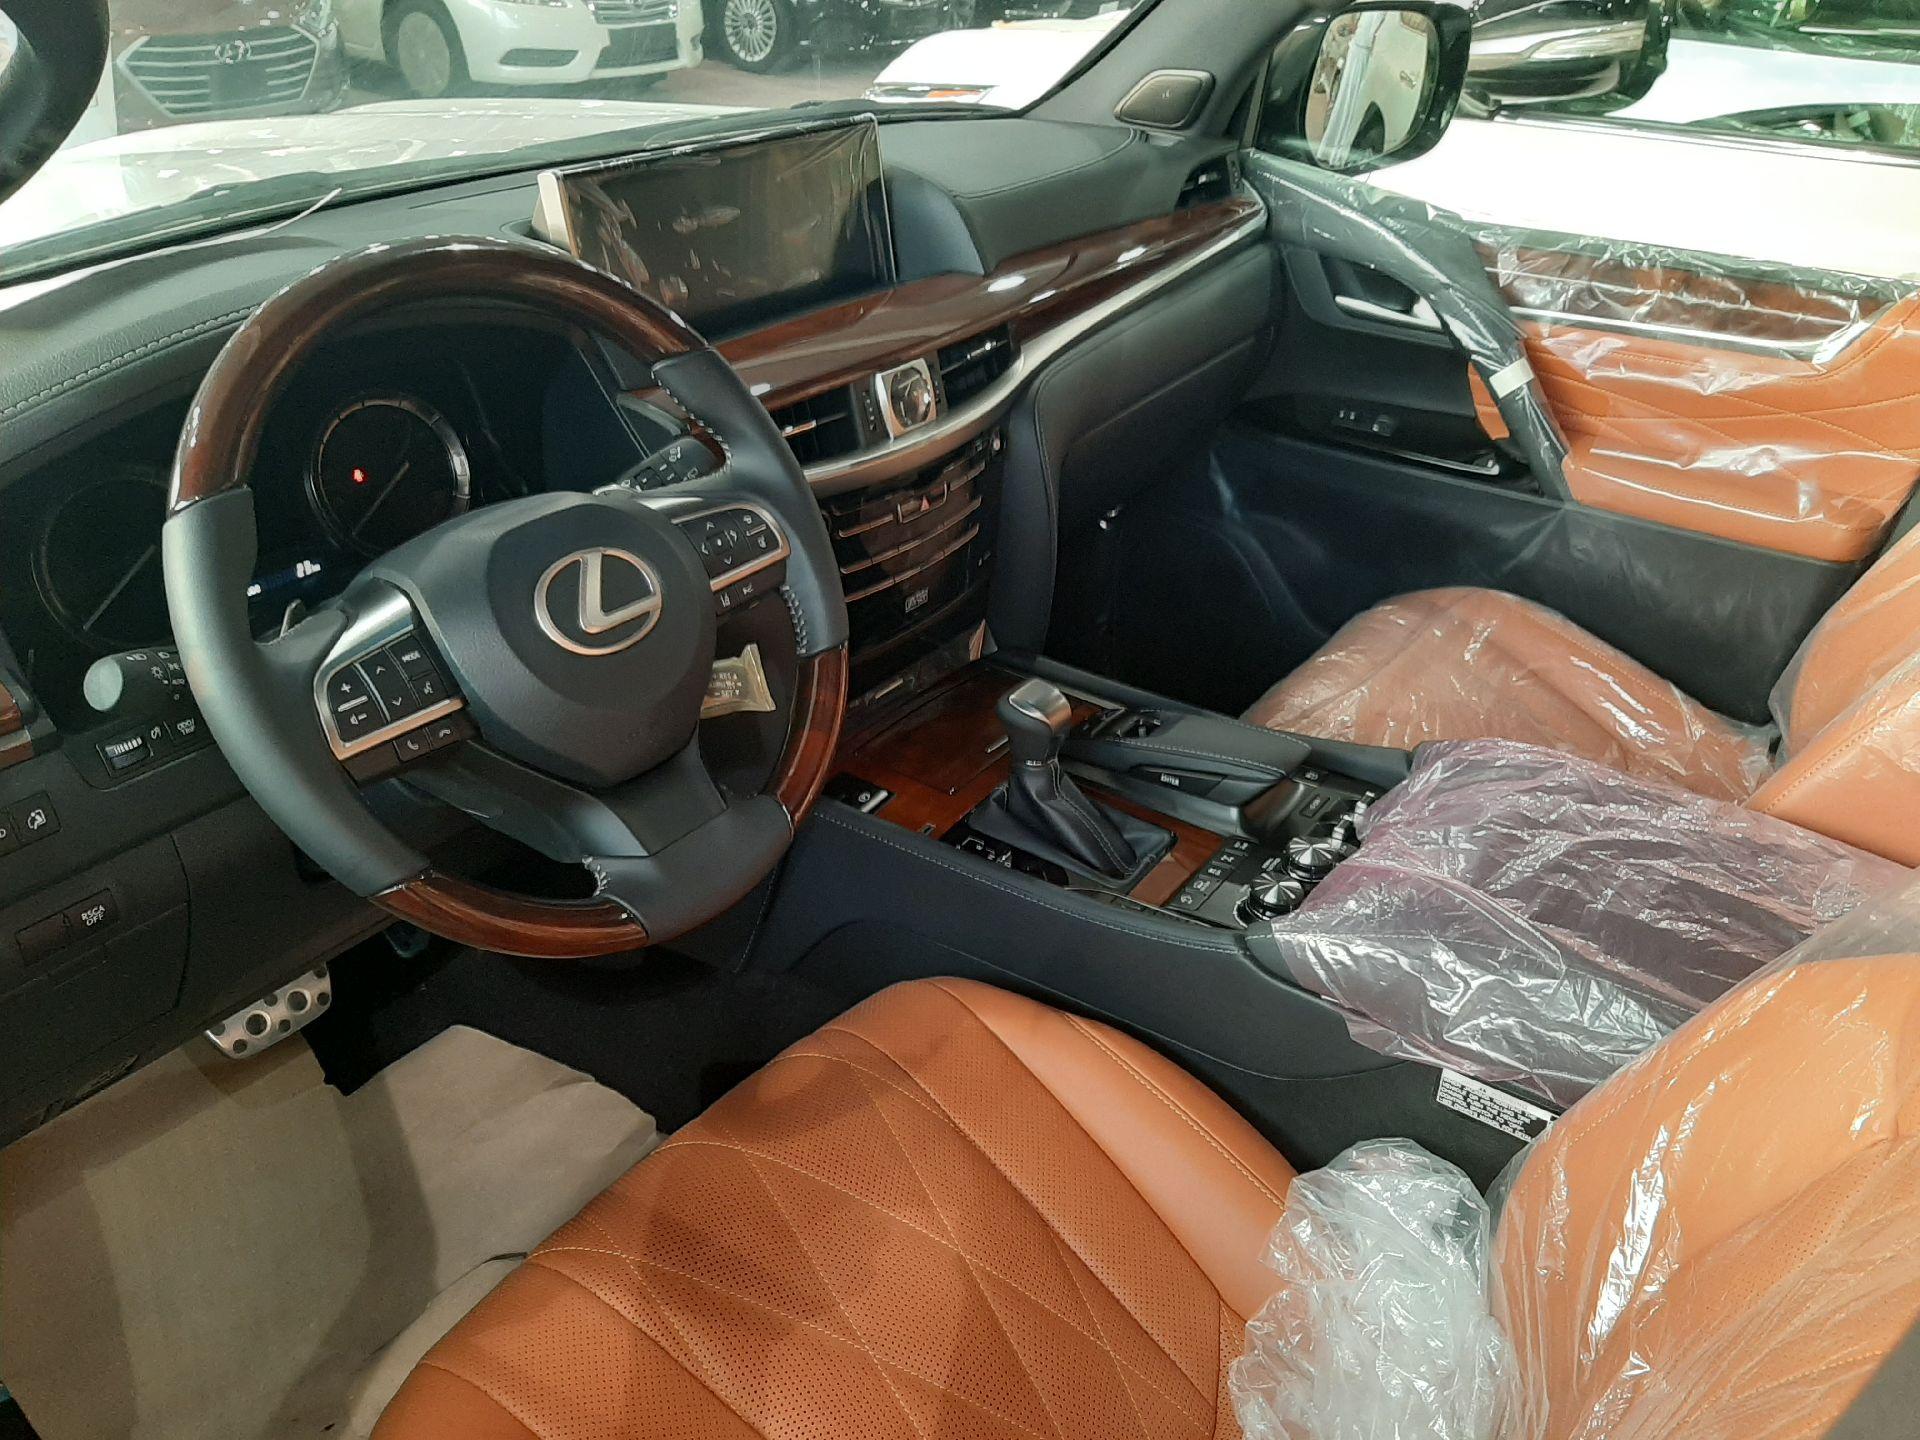 مباع - لكزس LX570  دايموند 2020 خليجي فل جديد للبيع في الرياض - السعودية - صورة كبيرة - 13